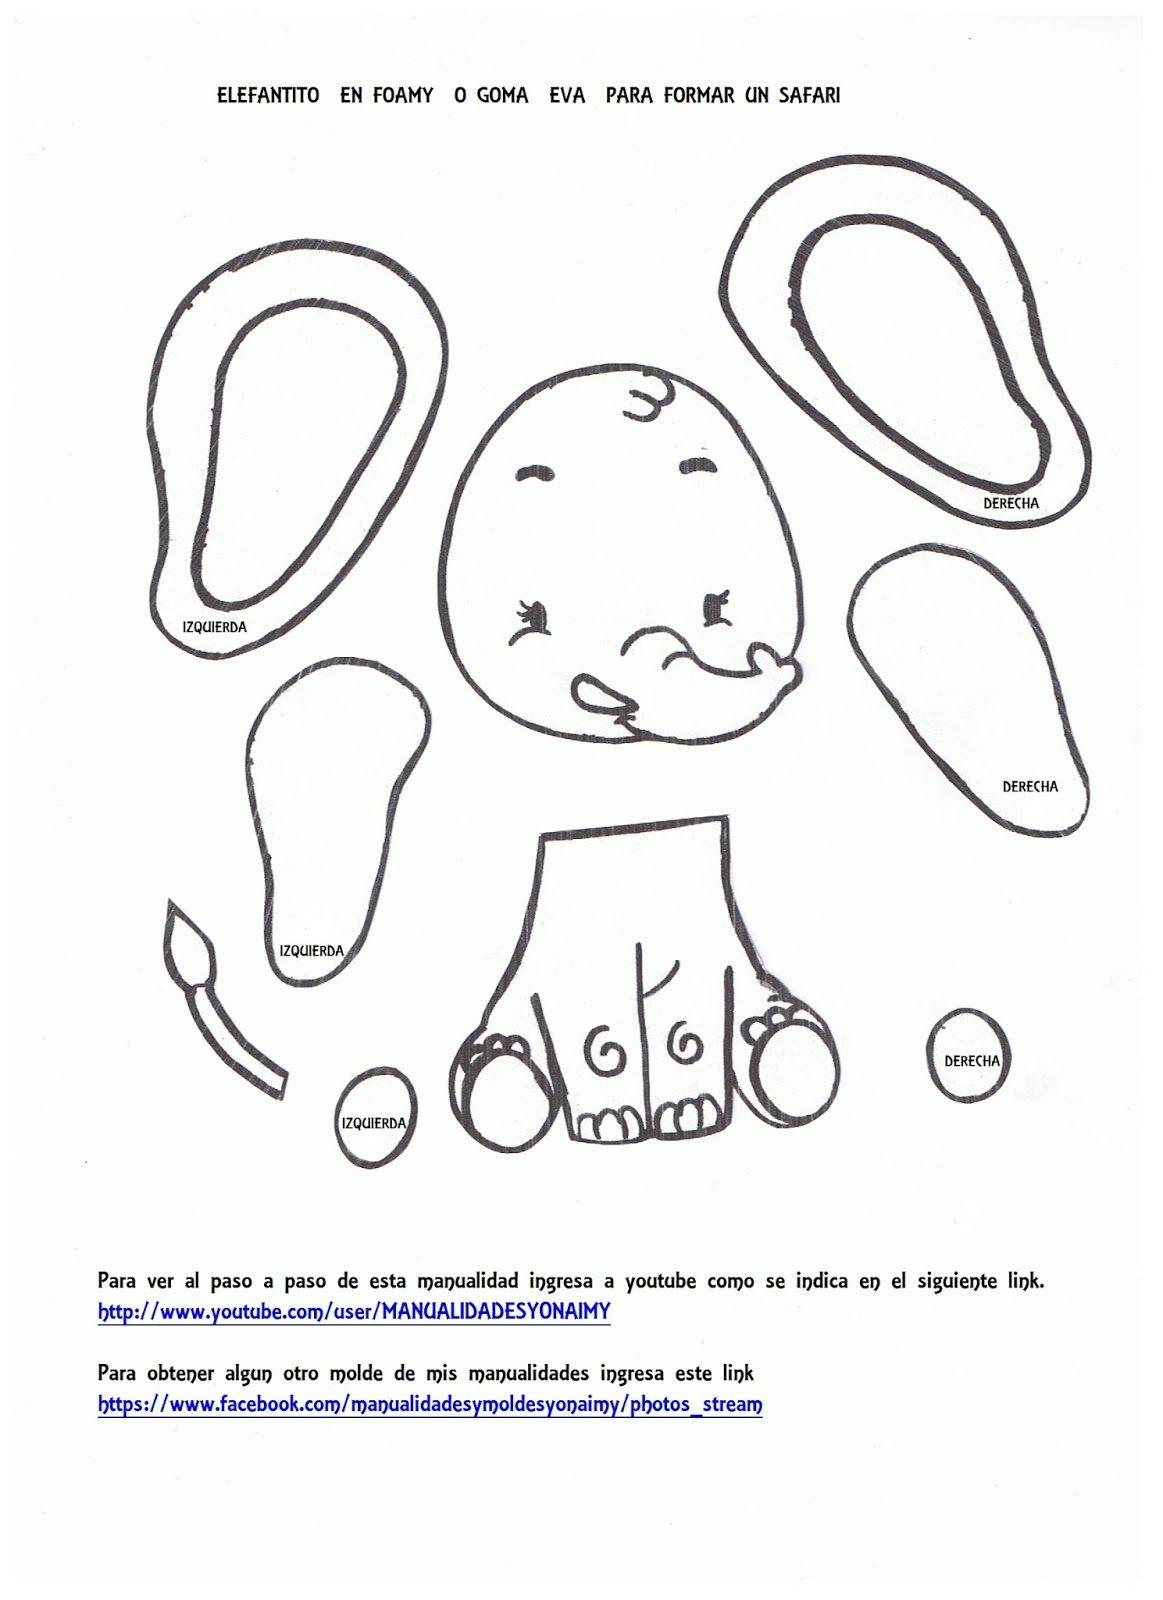 MANUALIDADES YONAIMY | Manualidades yonaimy, Elefante en goma eva, Patrones  de animales de fieltro